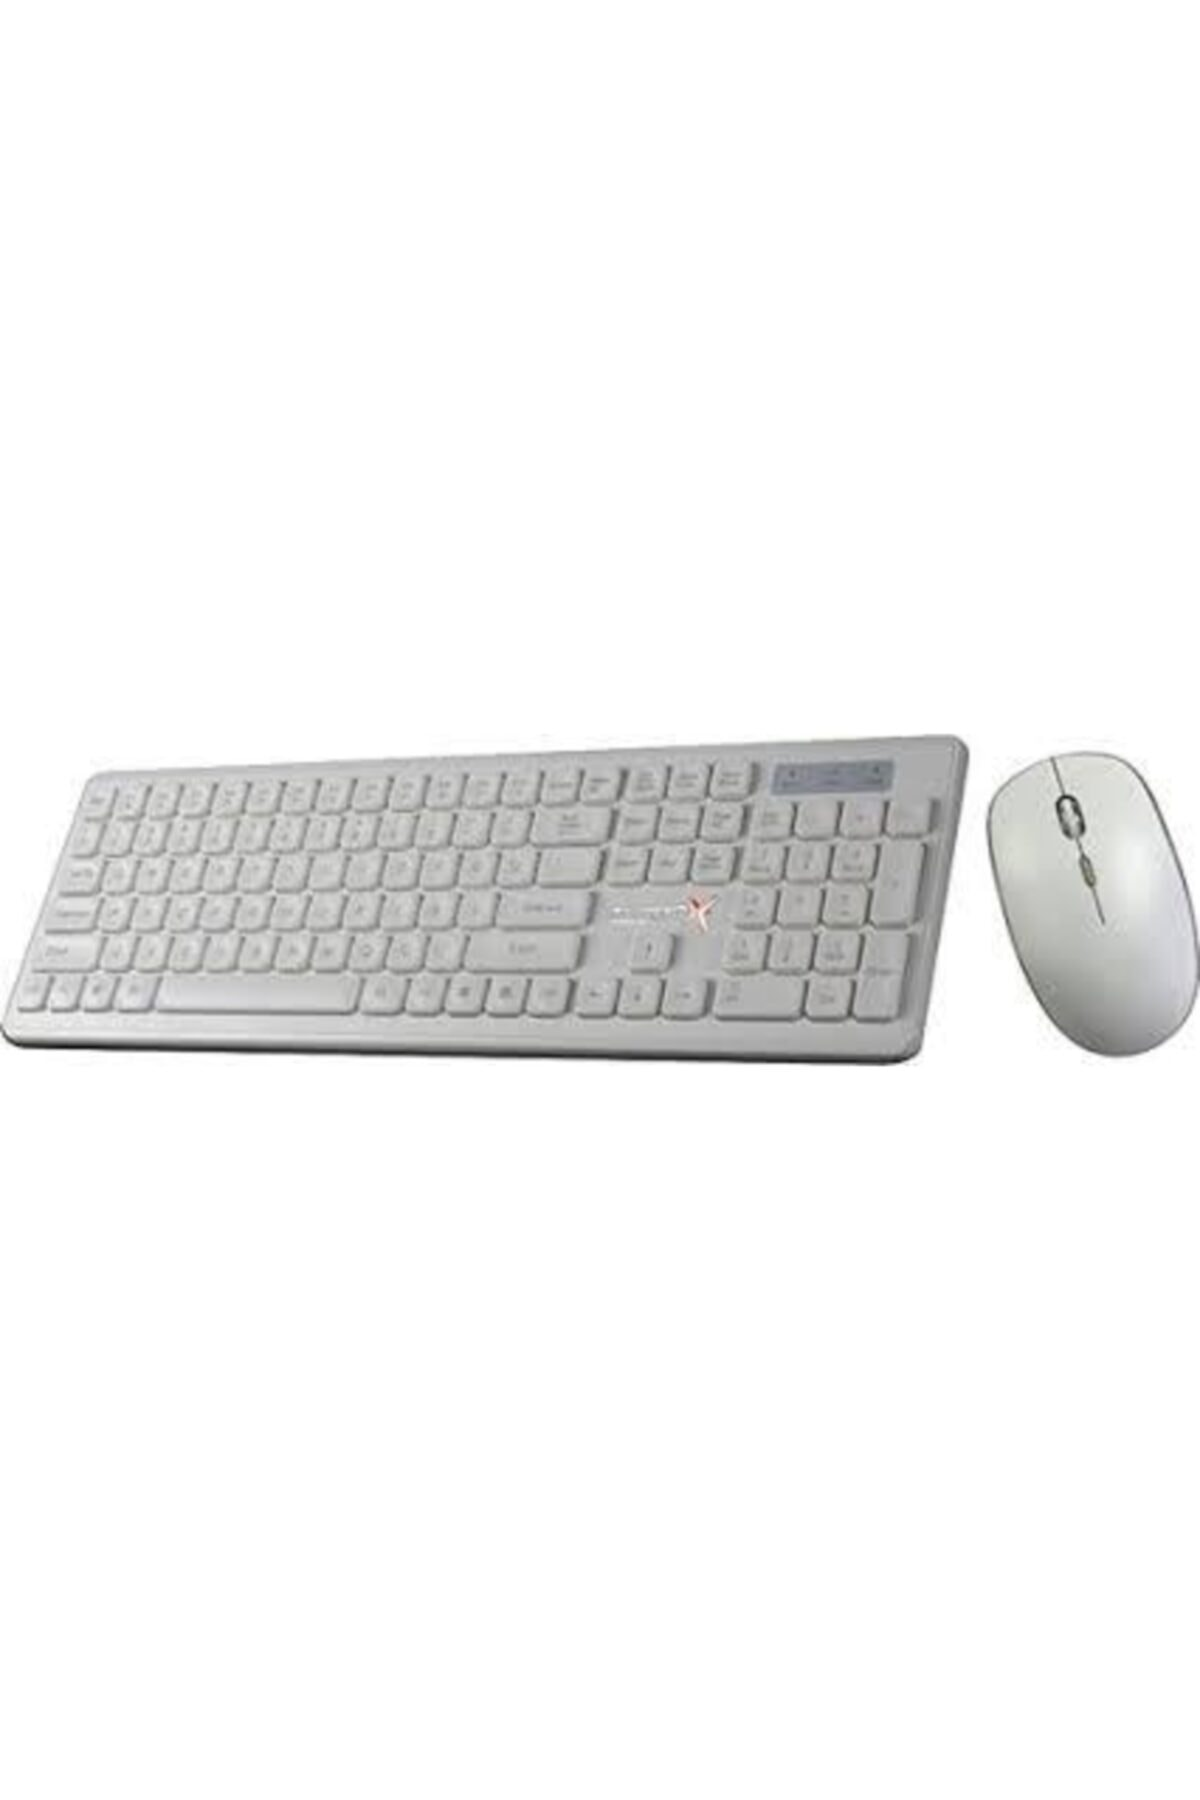 TURBOX Km-20 Wireless Multimedya Tr Q Klavye Mouse Set Beyaz 1